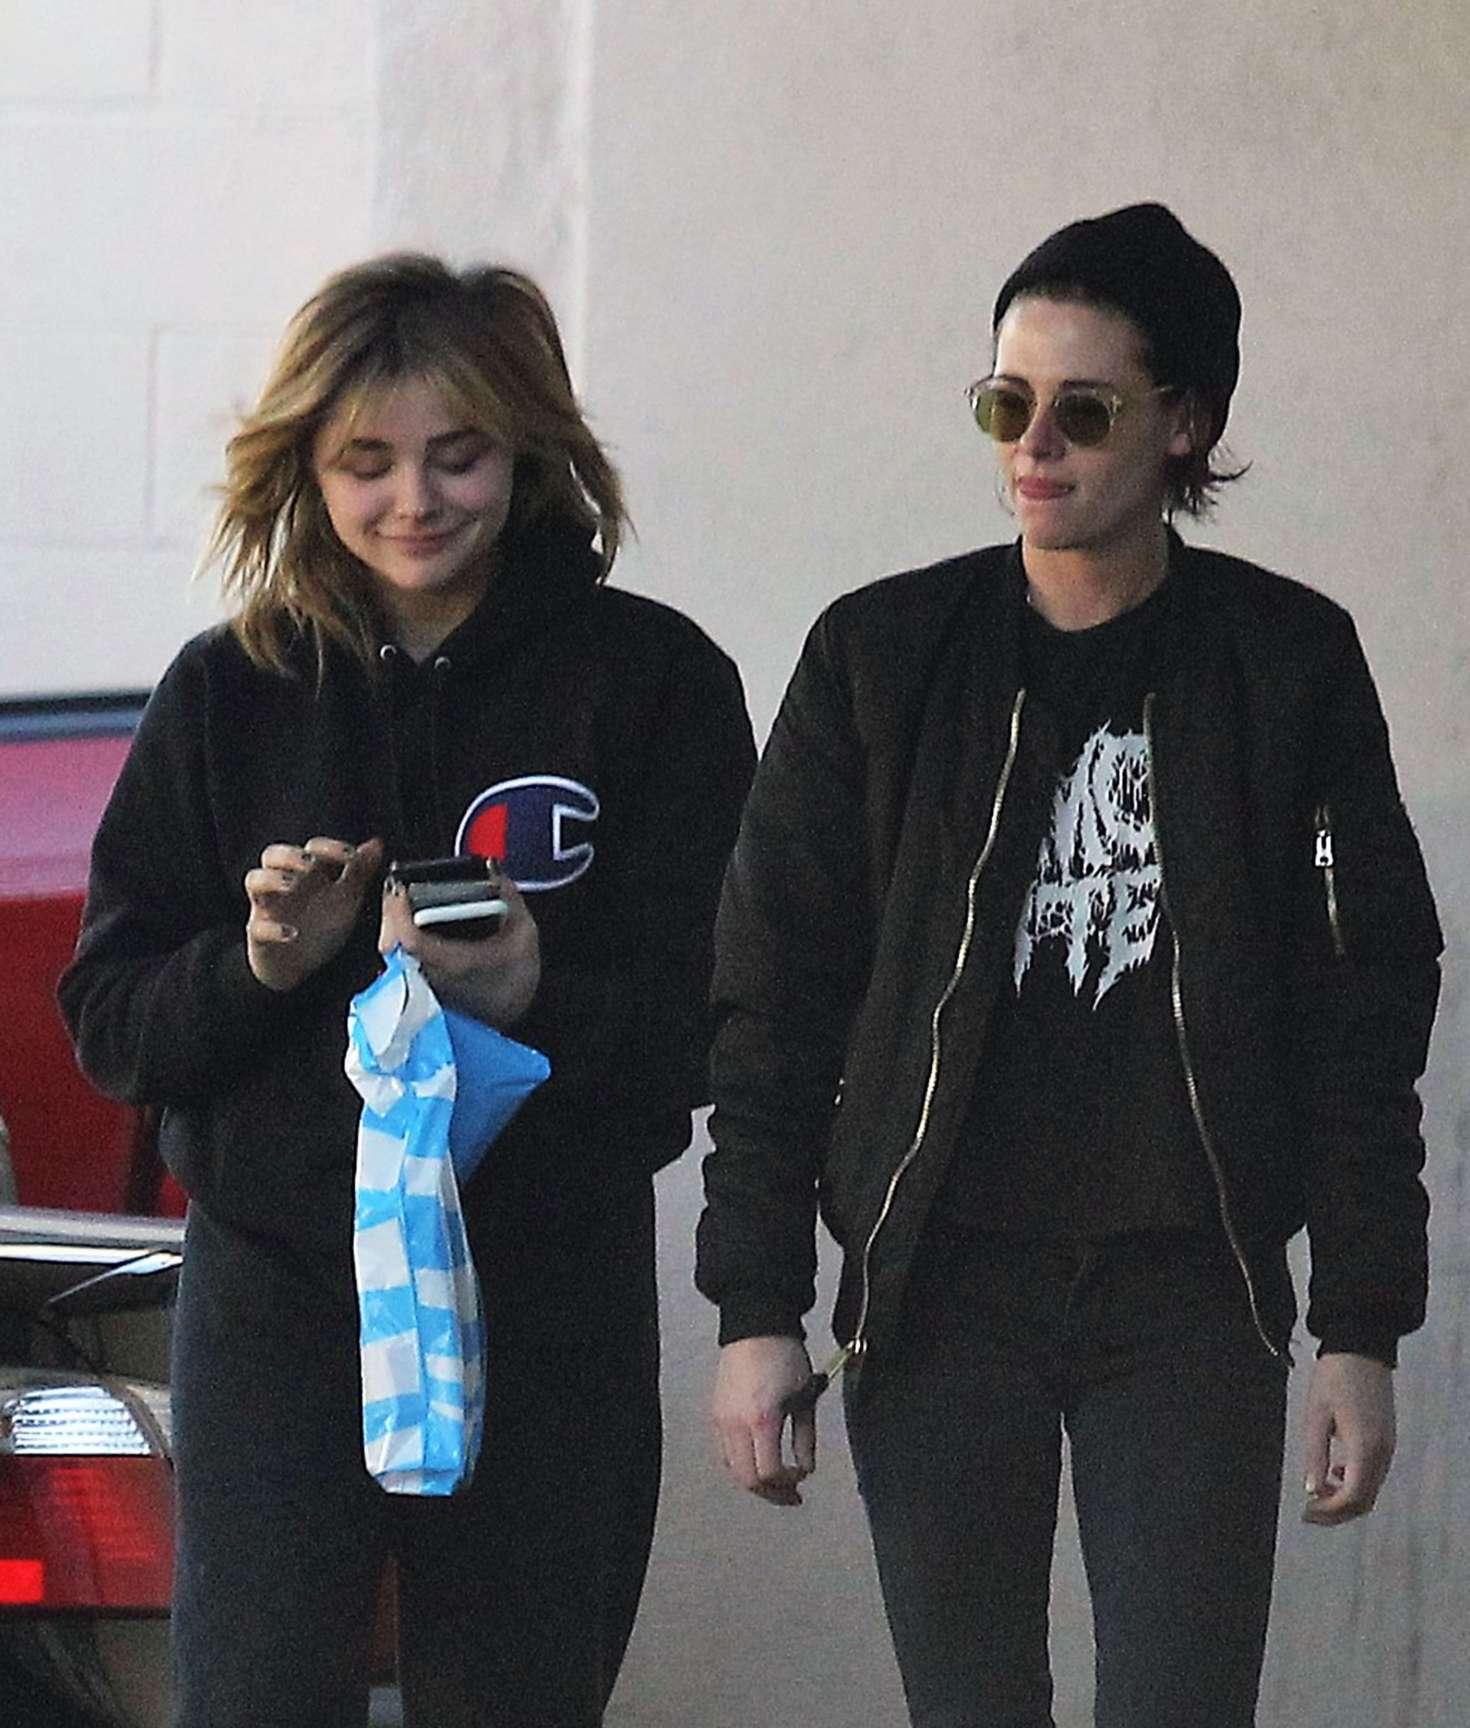 Chloe-Moretz-and-Kristen-Stewart-Out-in-